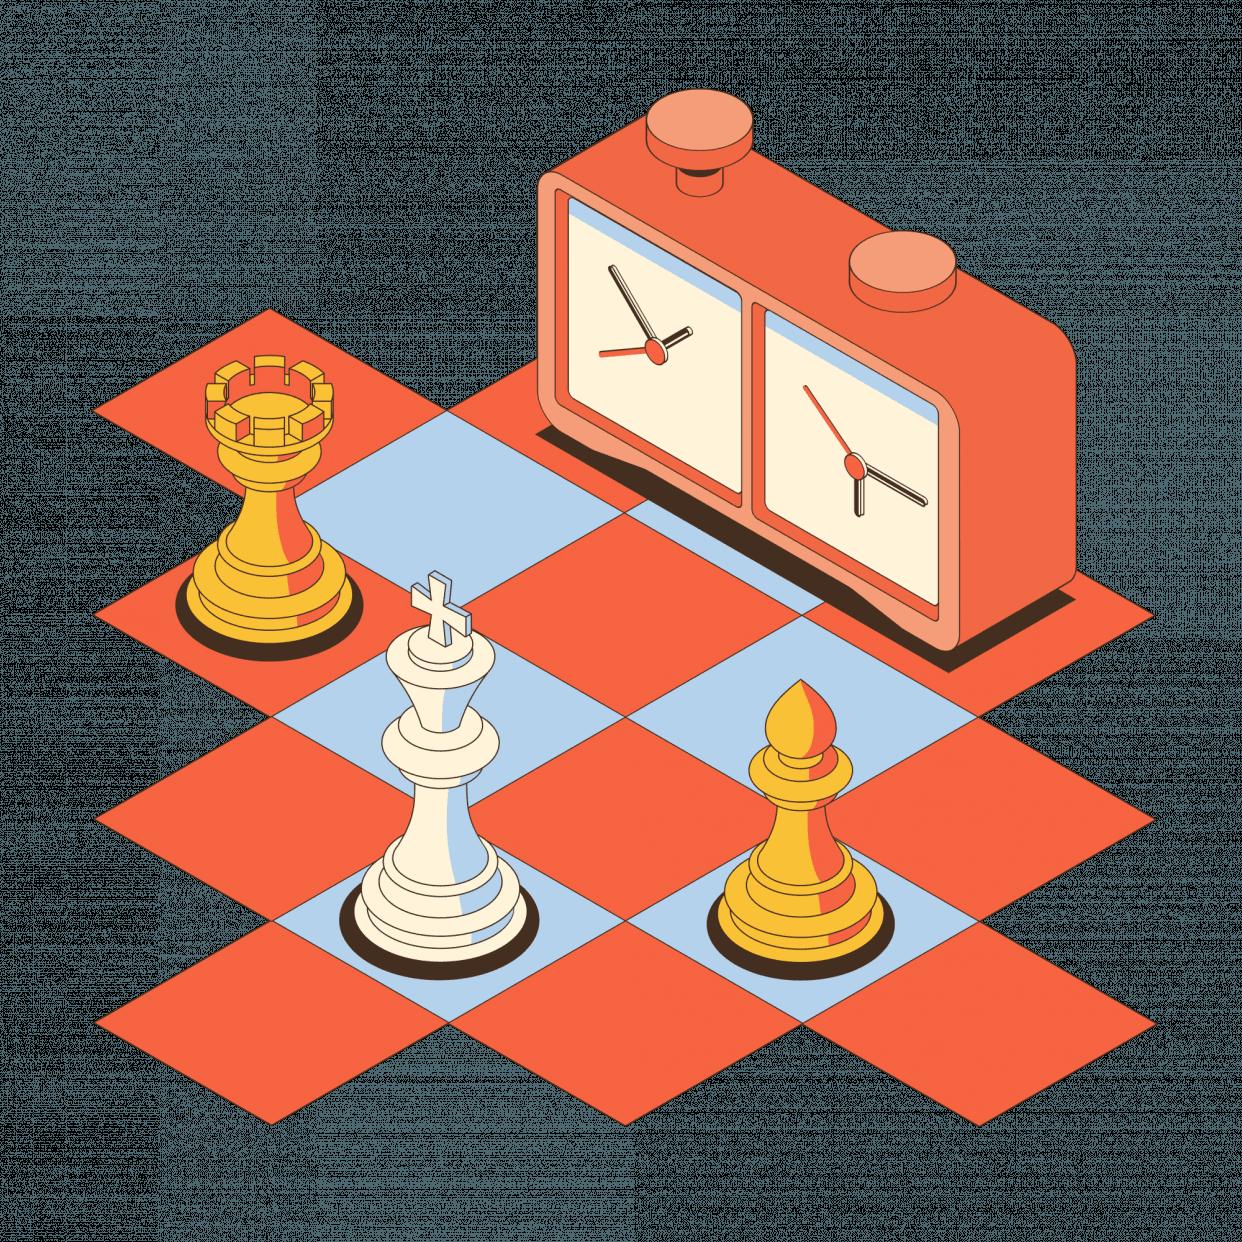 Курс «Основы шахмат» от Skillbox